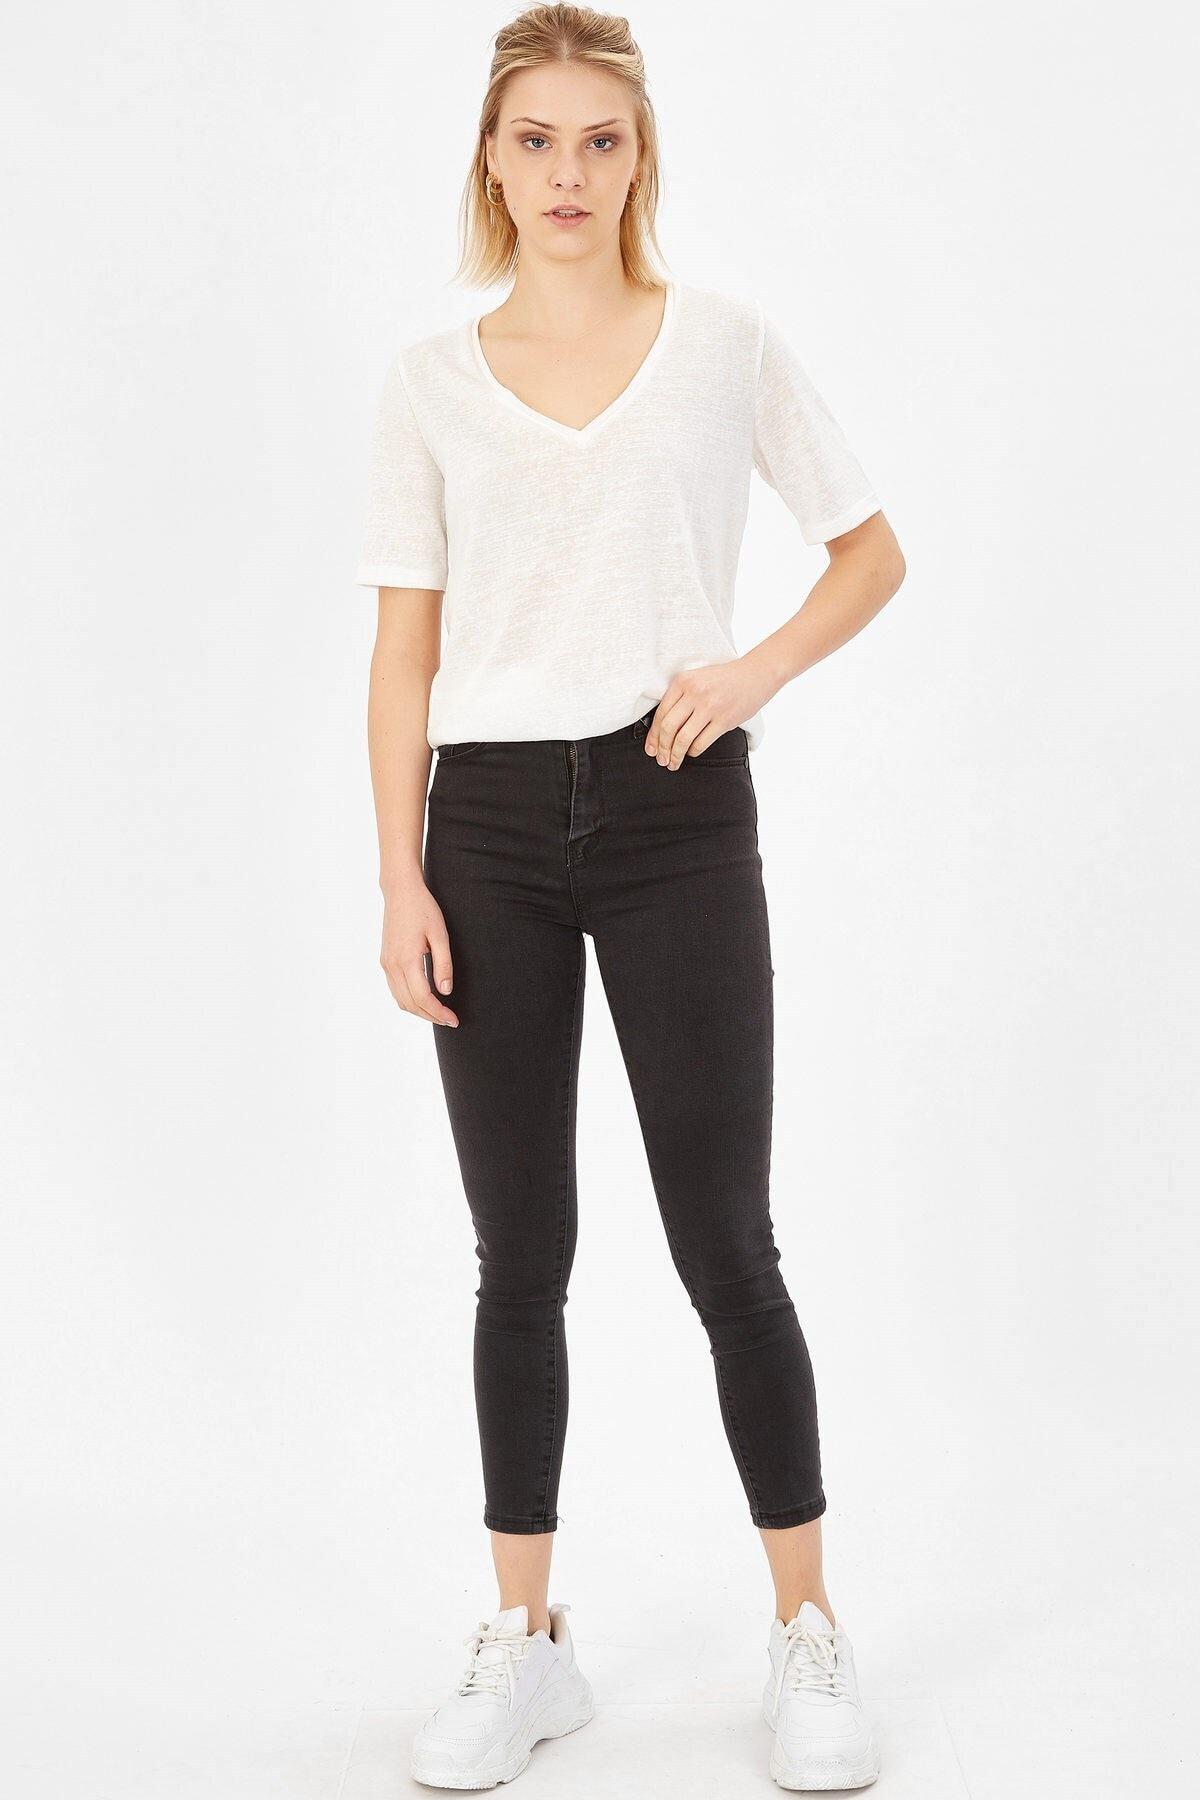 Arma Life Kadın  Füme Yüksek Bel Likralı Pantolon 1